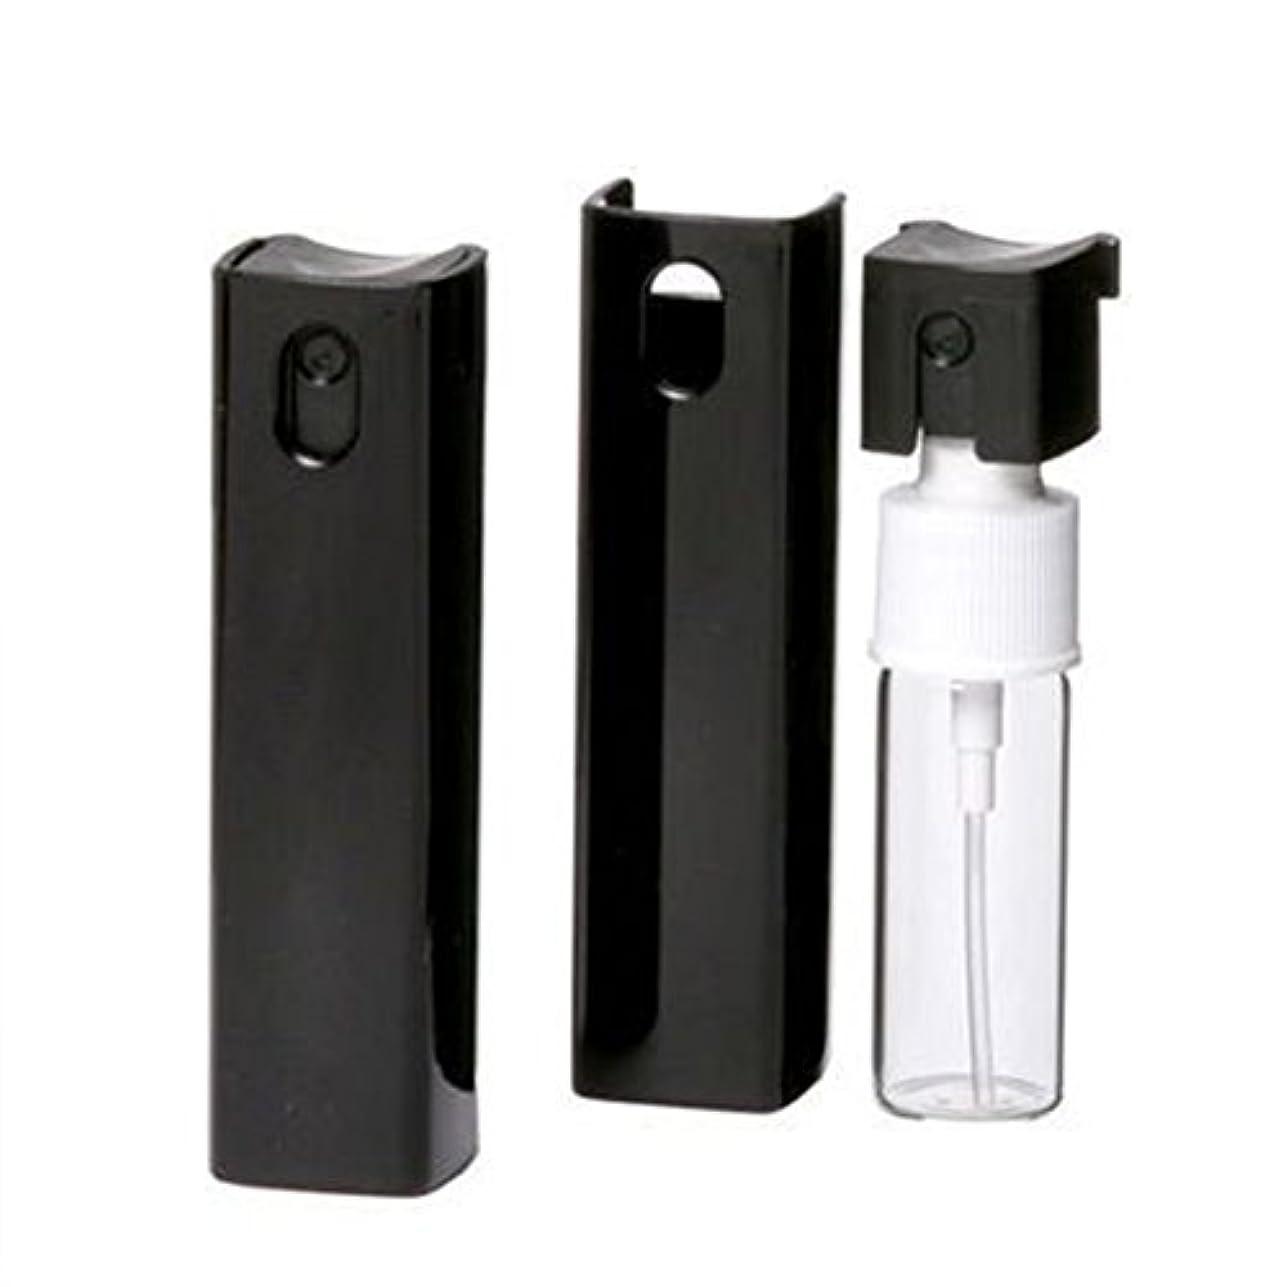 散文閉じ込める輝くShopXJ 香水 メンズ アトマイザー 大人 男性 プッシュ式 詰め替え 持ち運び 身だしなみ 携帯用 10ml